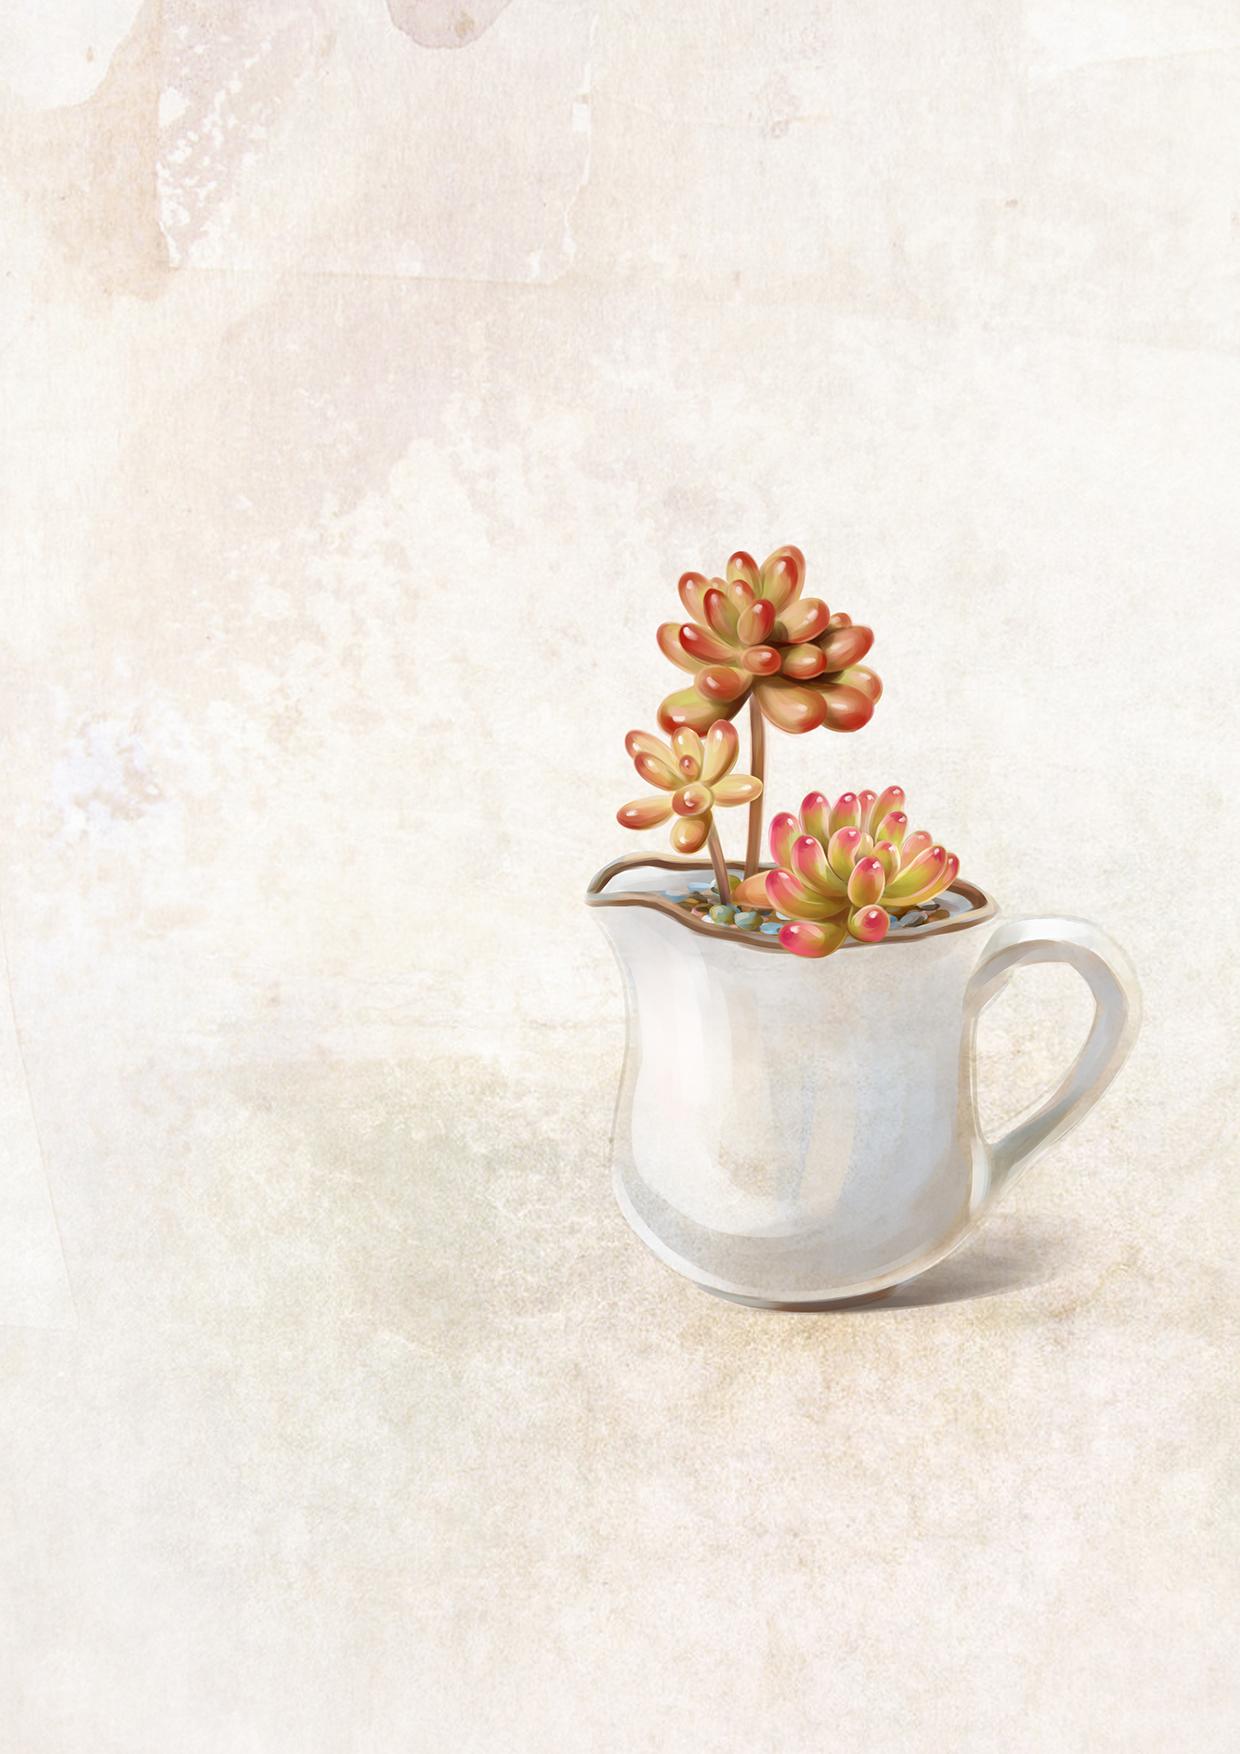 小清新 多肉植物插画